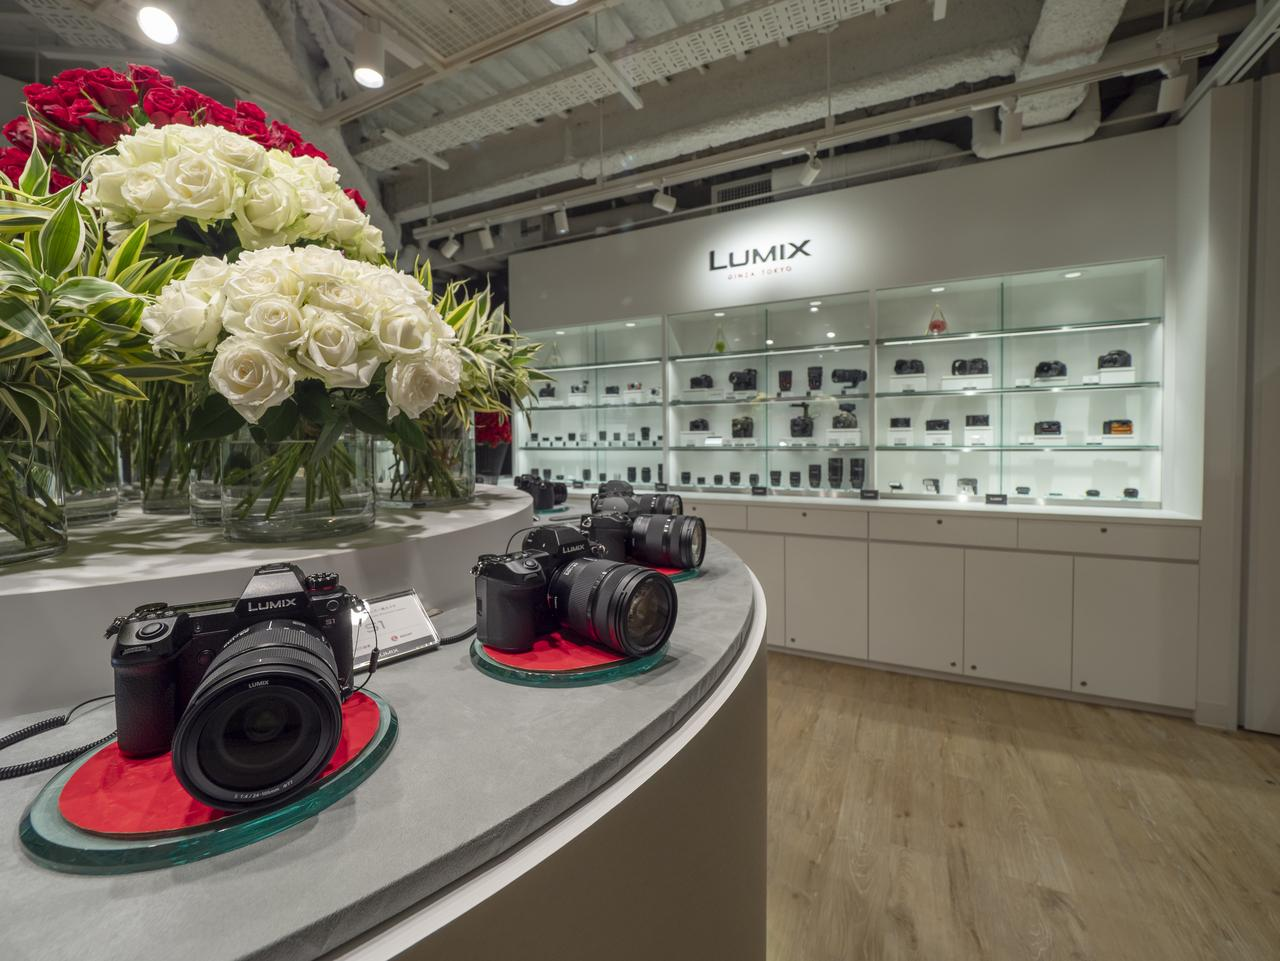 画像: 1階ショールーム。最新フルサイズLUMIX S1/S1Rをはじめ、先日発売がアナウンスされたLUMIX G99も展示されていた。